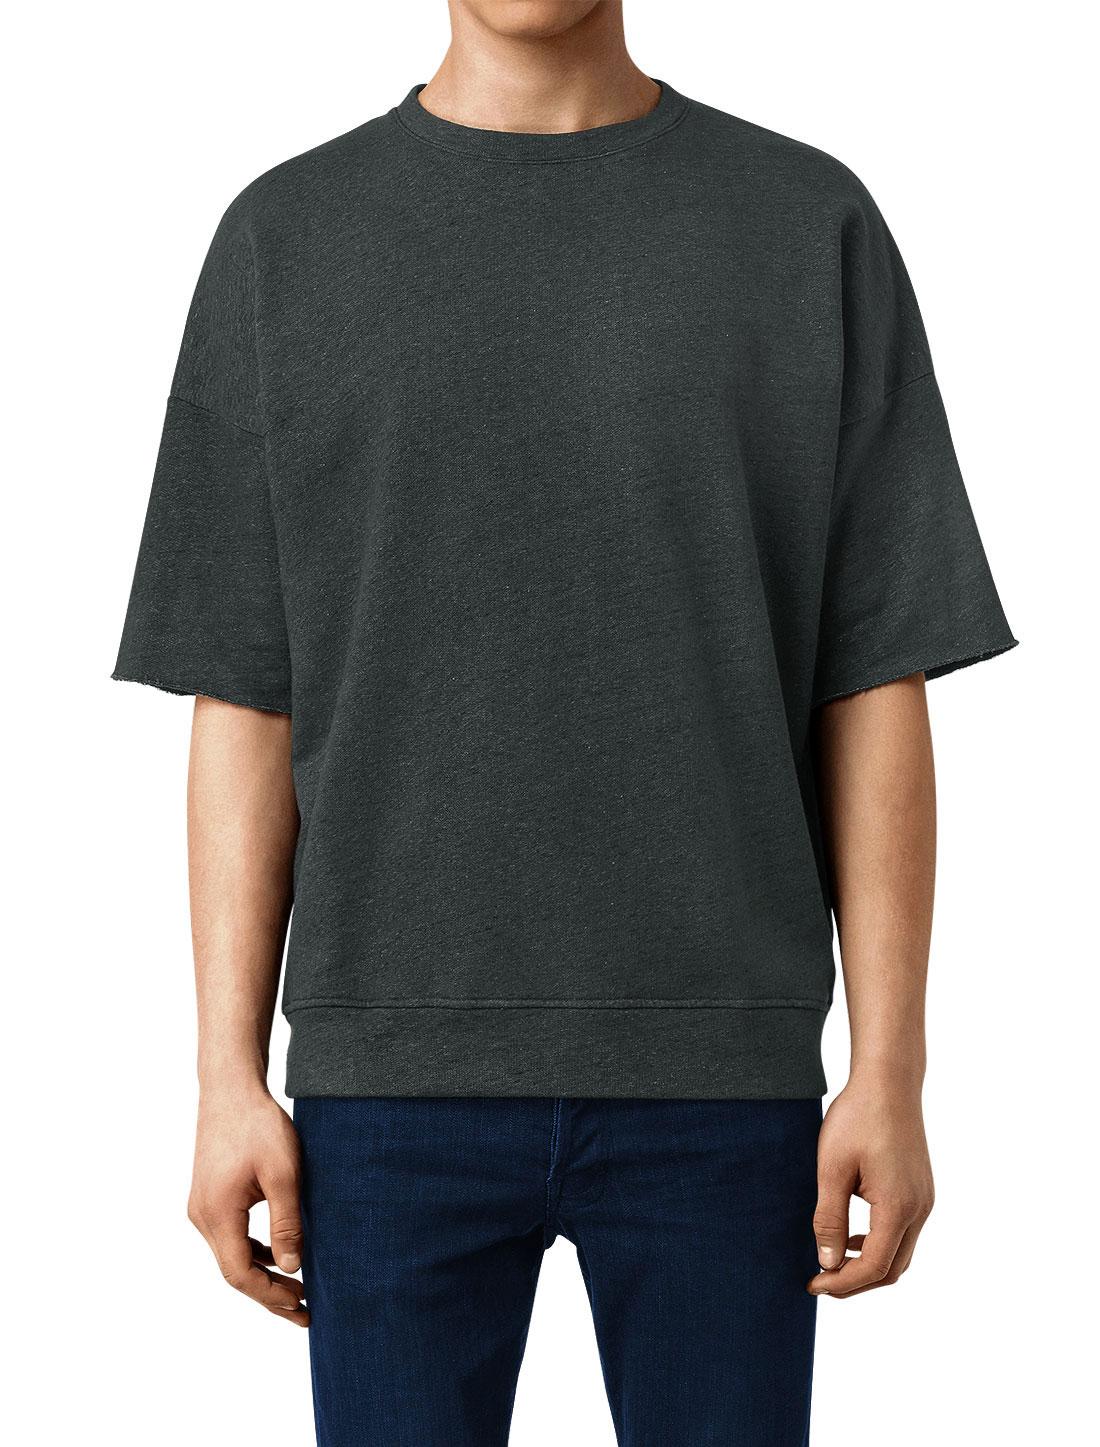 Men Crew Neck Short Sleeves Drop-Shoulder Tee Shirt Dark Gray S